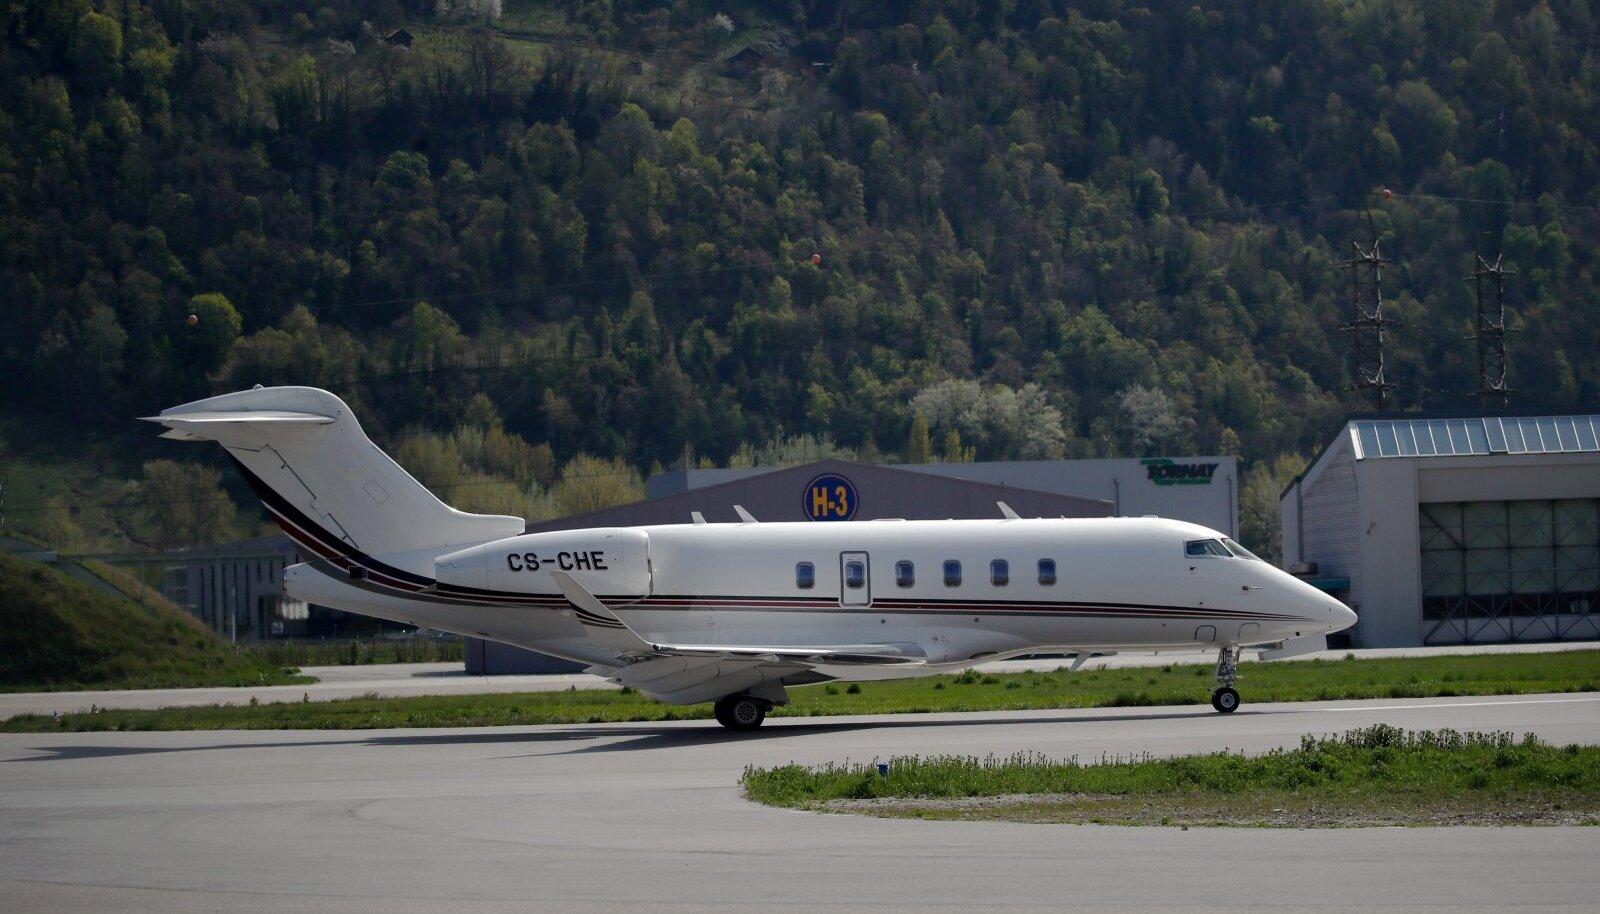 NetJetsi lennuk Šveitsis Sioni lennuväljal.